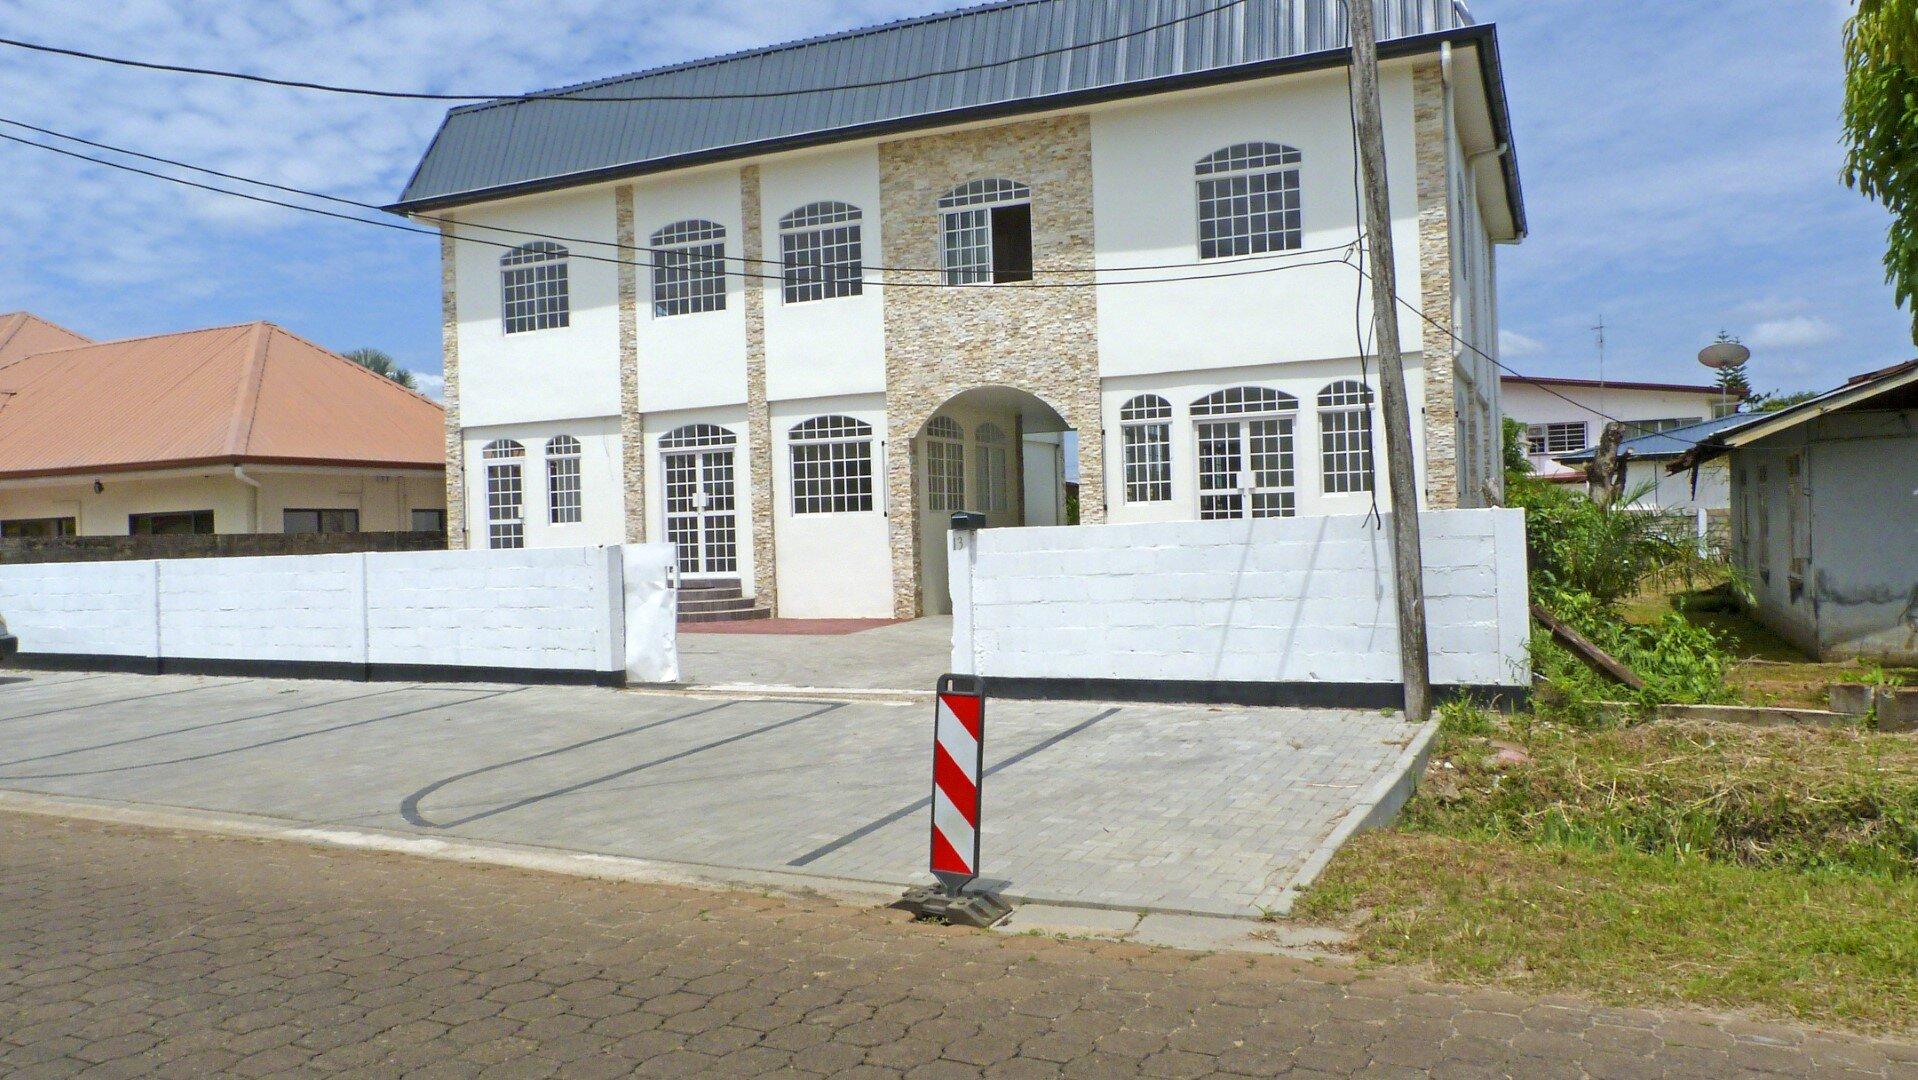 Eliselaan 13 - Luxe bedrijfspand met vele mogelijkheden te Uitvlugt - Surgoed Makelaardij NV - Paramaribo, Suriname